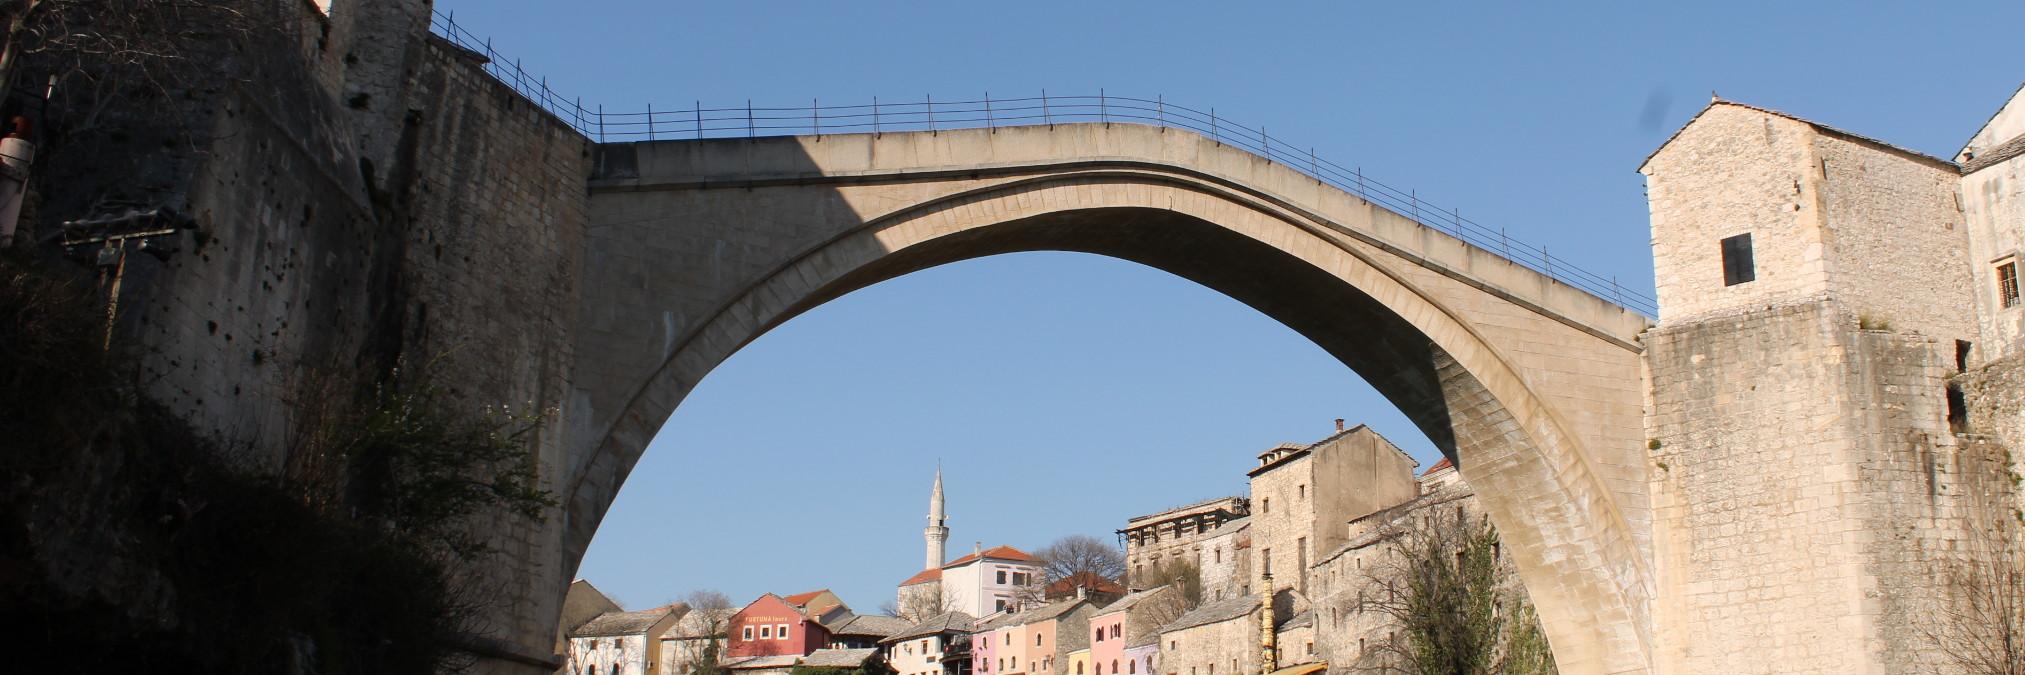 Мосты Боснии и Герцеговины